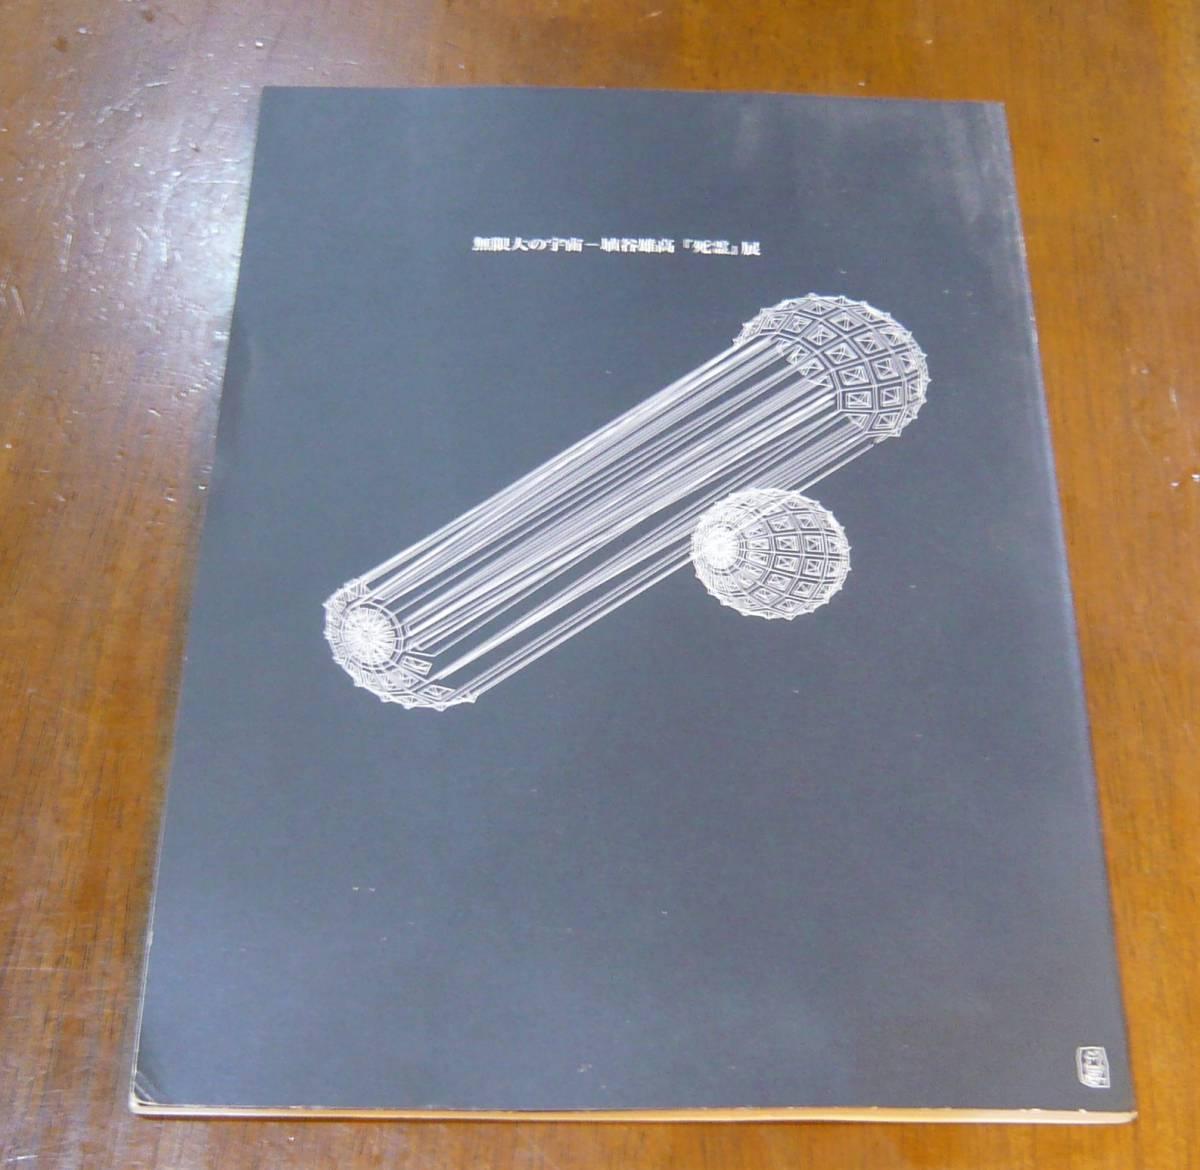 図録 無限大の宇宙ー埴谷雄高『死霊』展 神奈川近代文学館2007_画像1